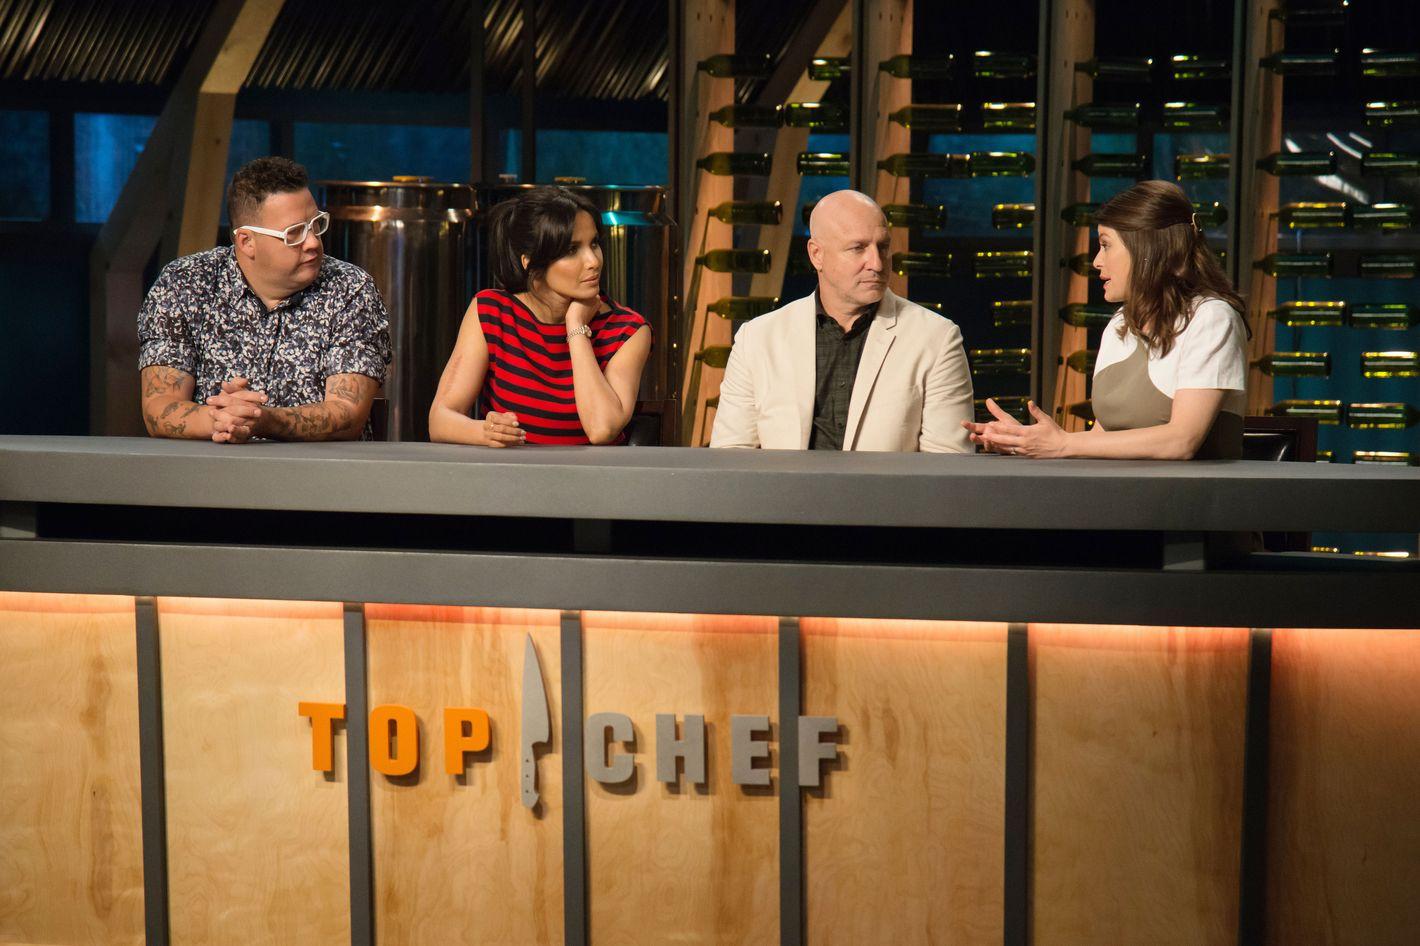 top chef colorado season premiere recap